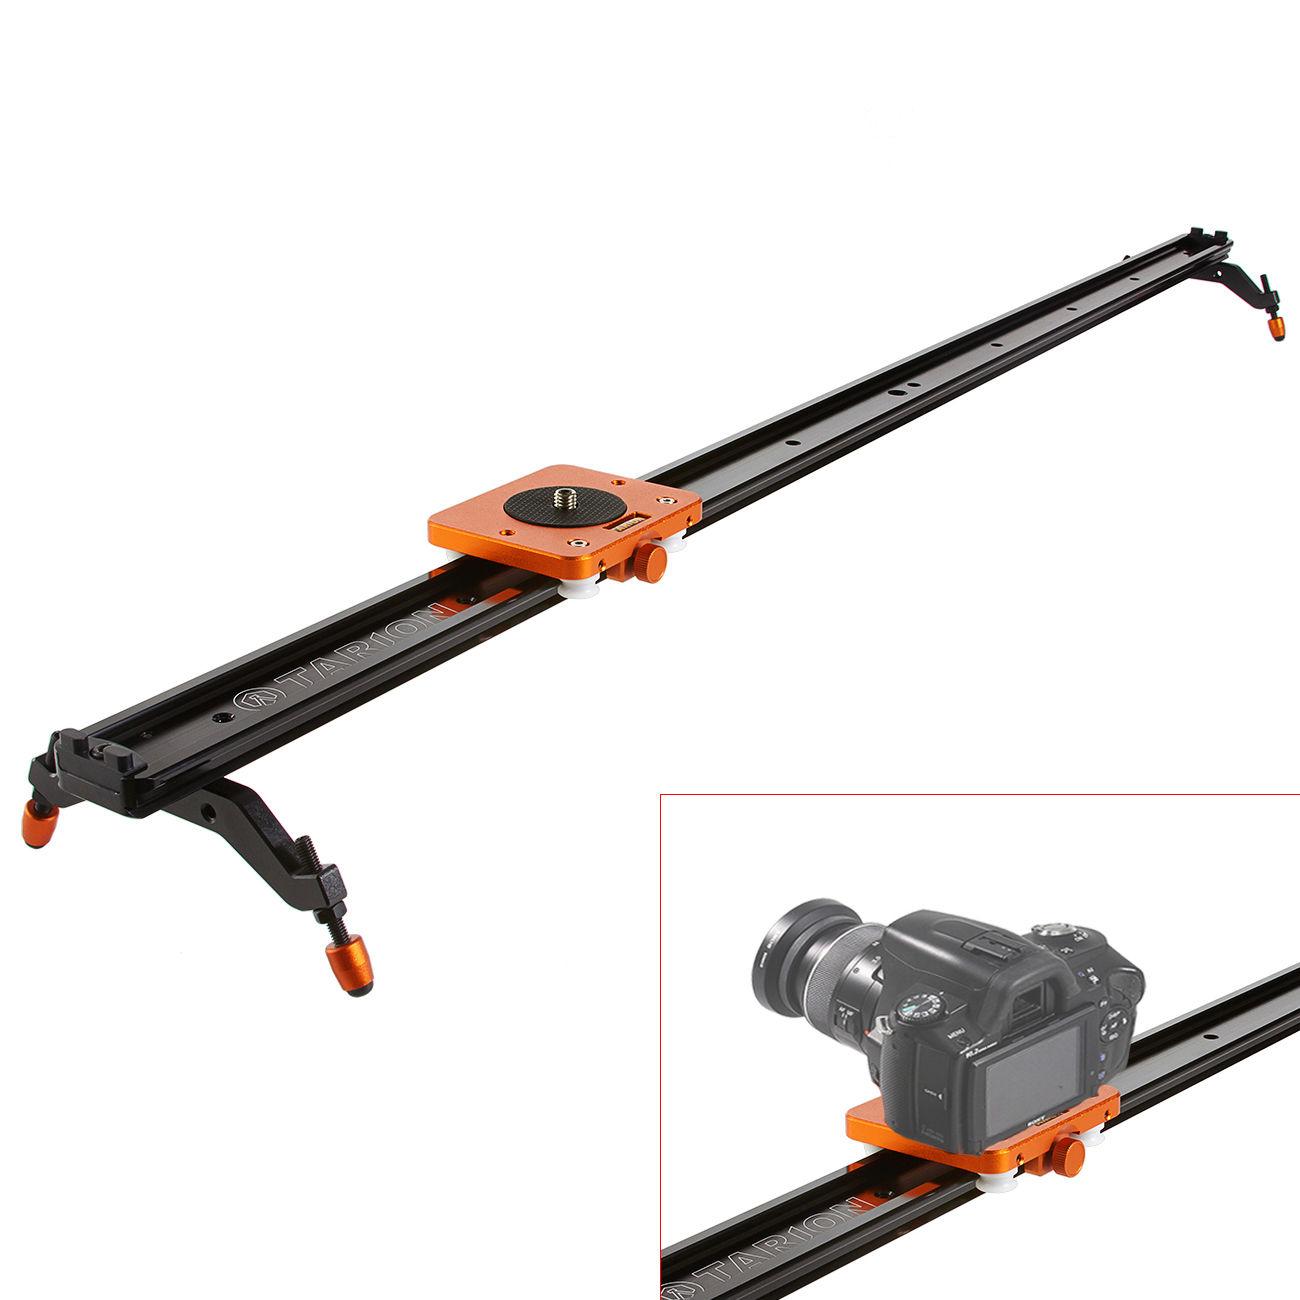 (ebay) reduziert TARION TR-S120 120cm Kamera Slider Kameraschiene Dolly für Kamerafahrt